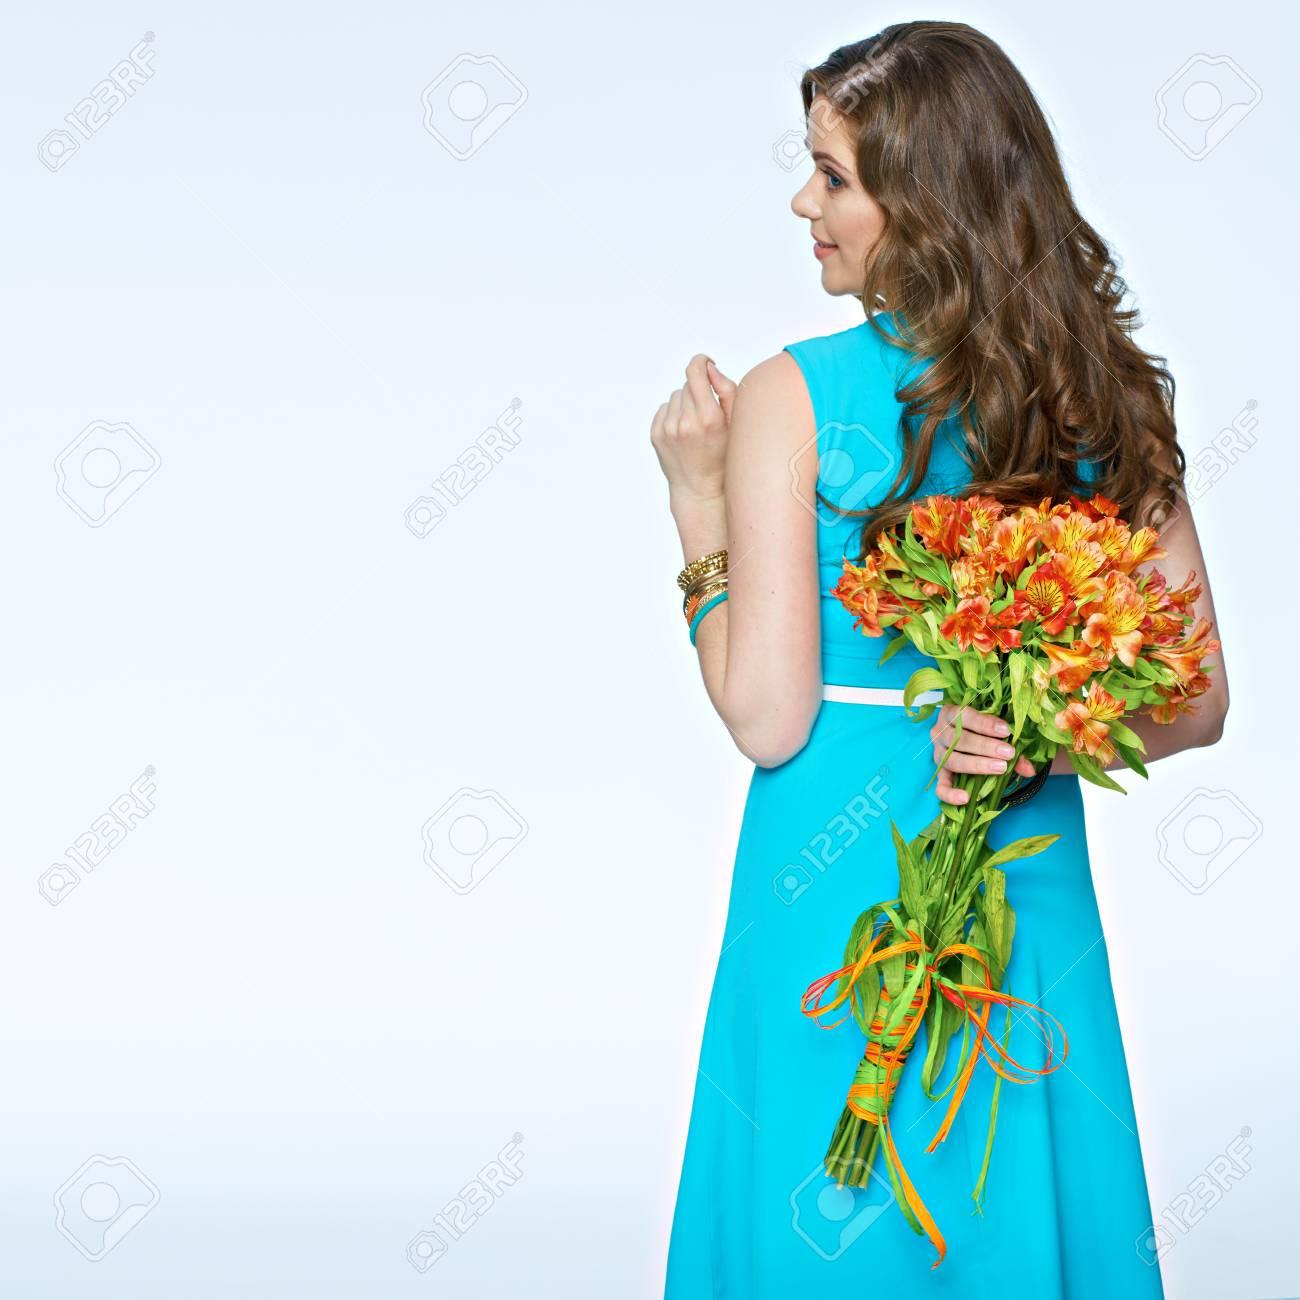 frau mit den blumen, die zurück auf weißem hintergrund stehen. lange haare.  blaues kleid.